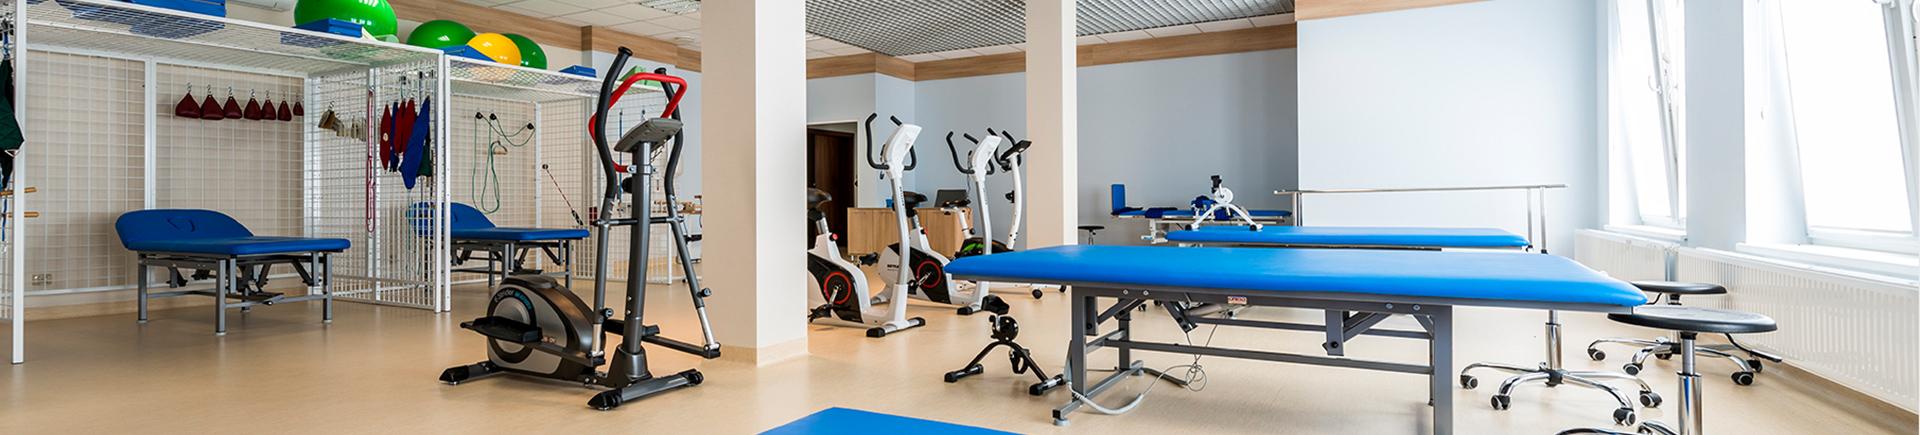 Nowoczesna i dobrze wyposażona sala ćwiczeń